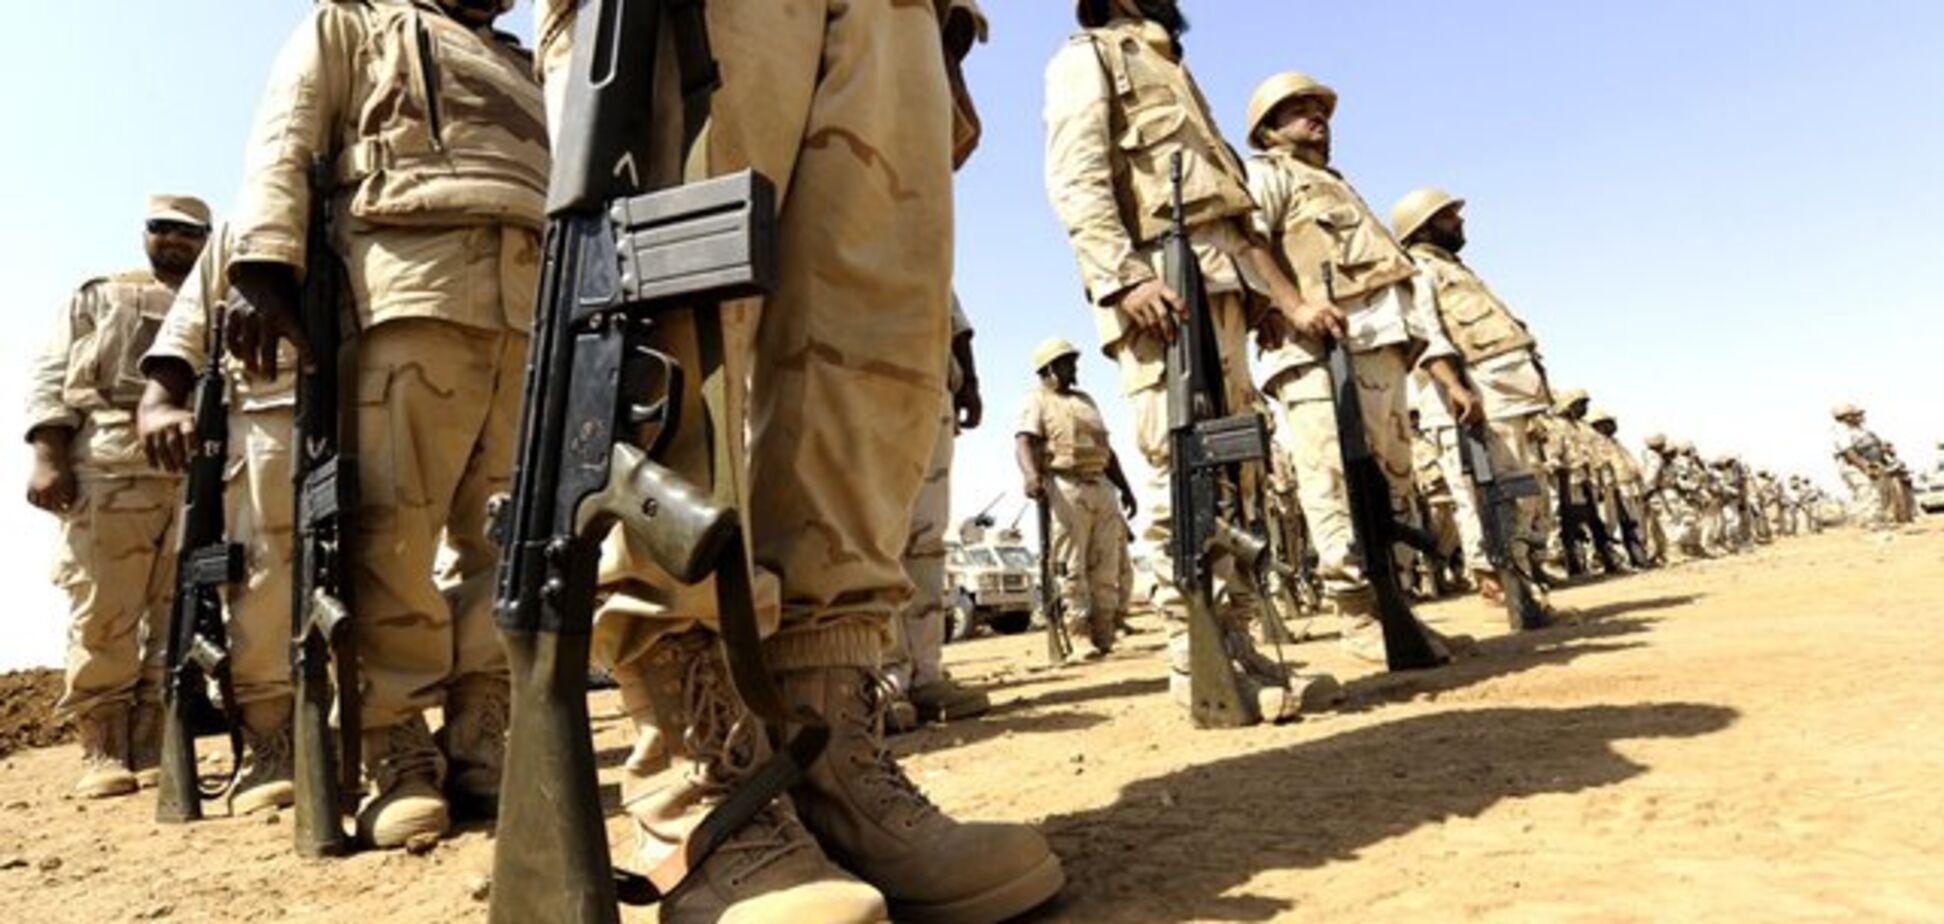 Може спалахнути нова війна: світ попередили про великий конфлікт